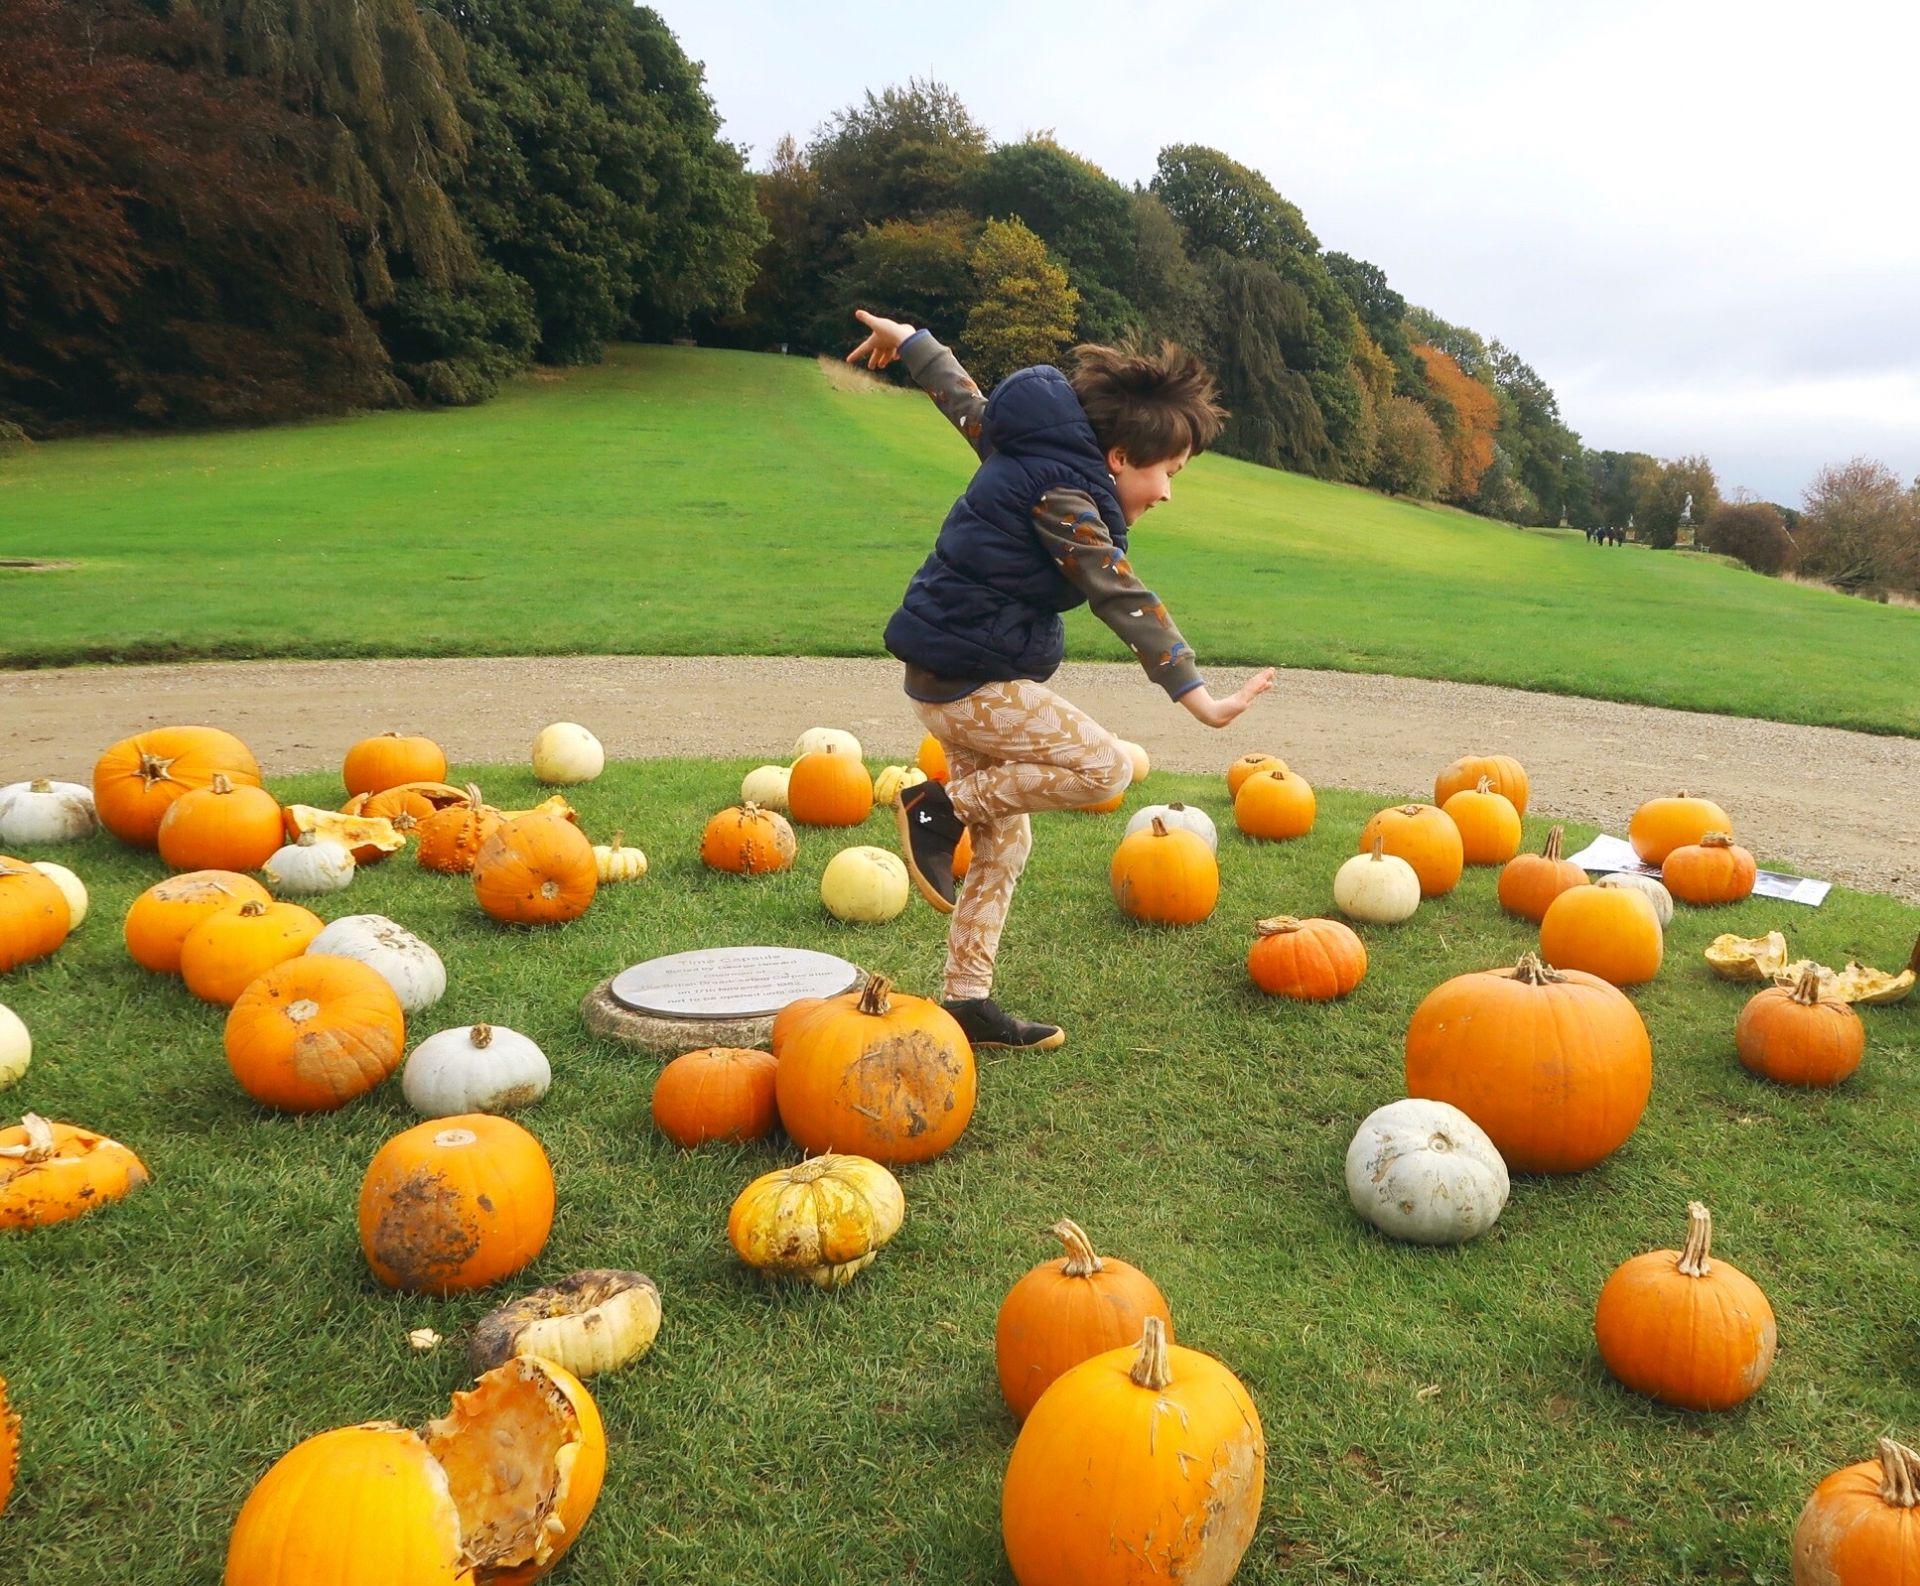 Boy dancing amongst pumpkins in the grass